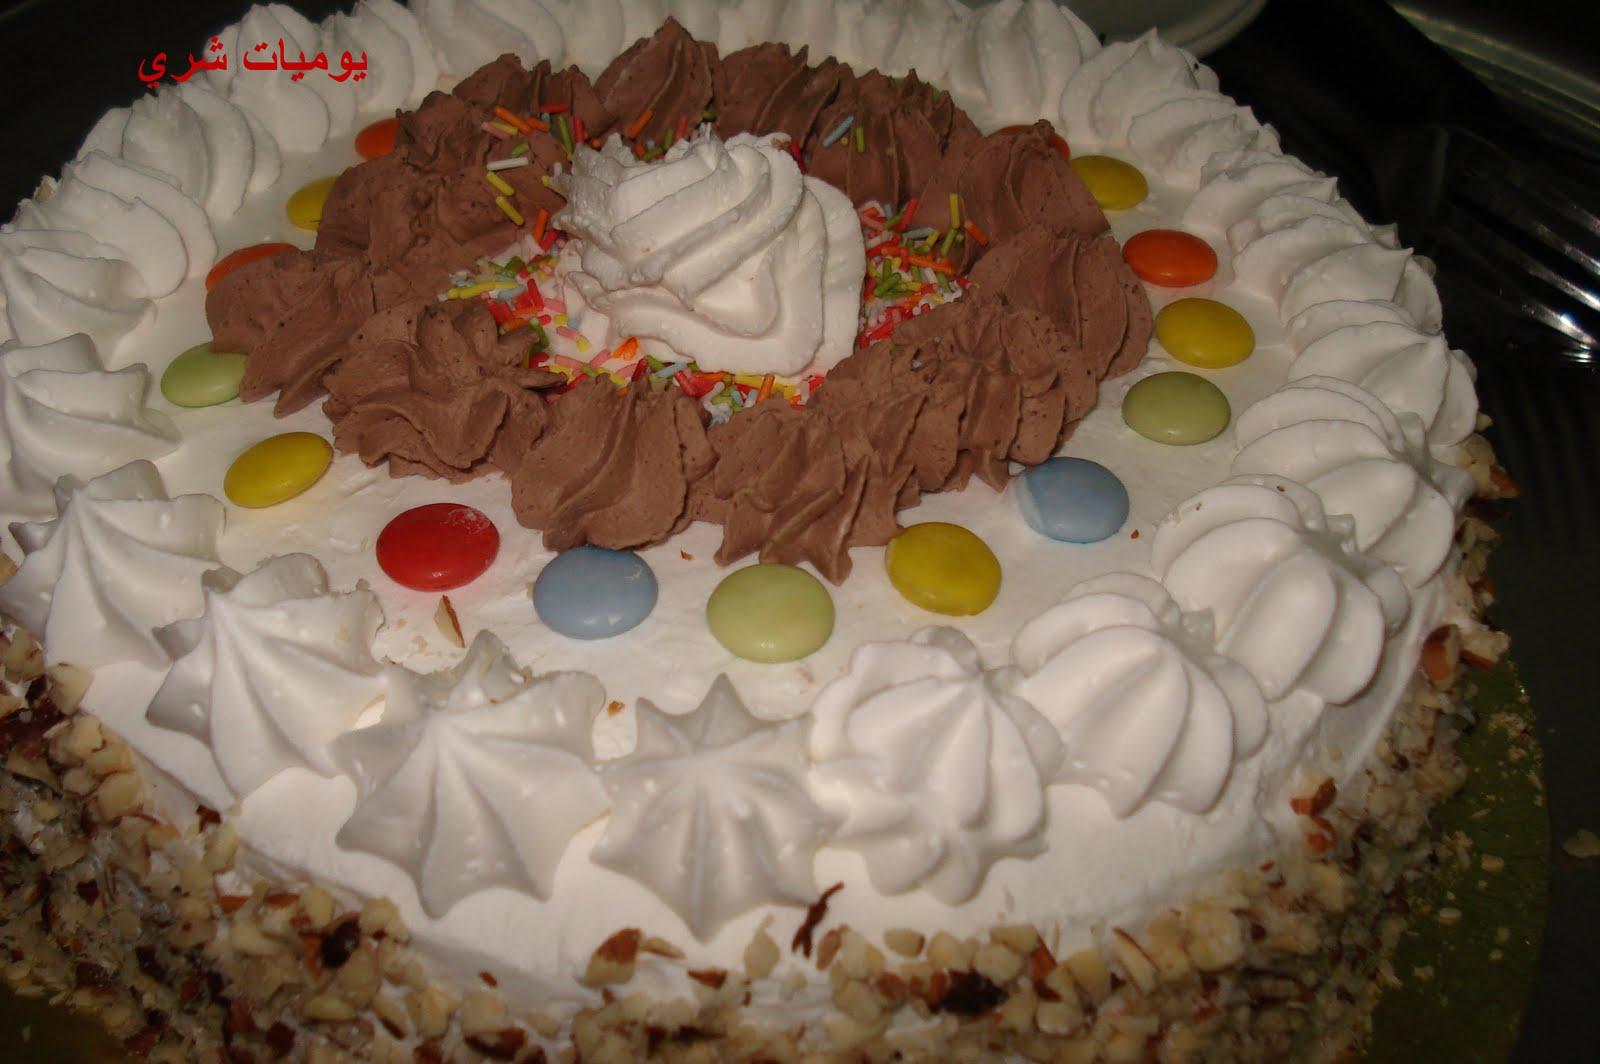 صورة حلوى عيد الميلاد , طريقة عمل كيك لاعياد ميلاد الاطفال